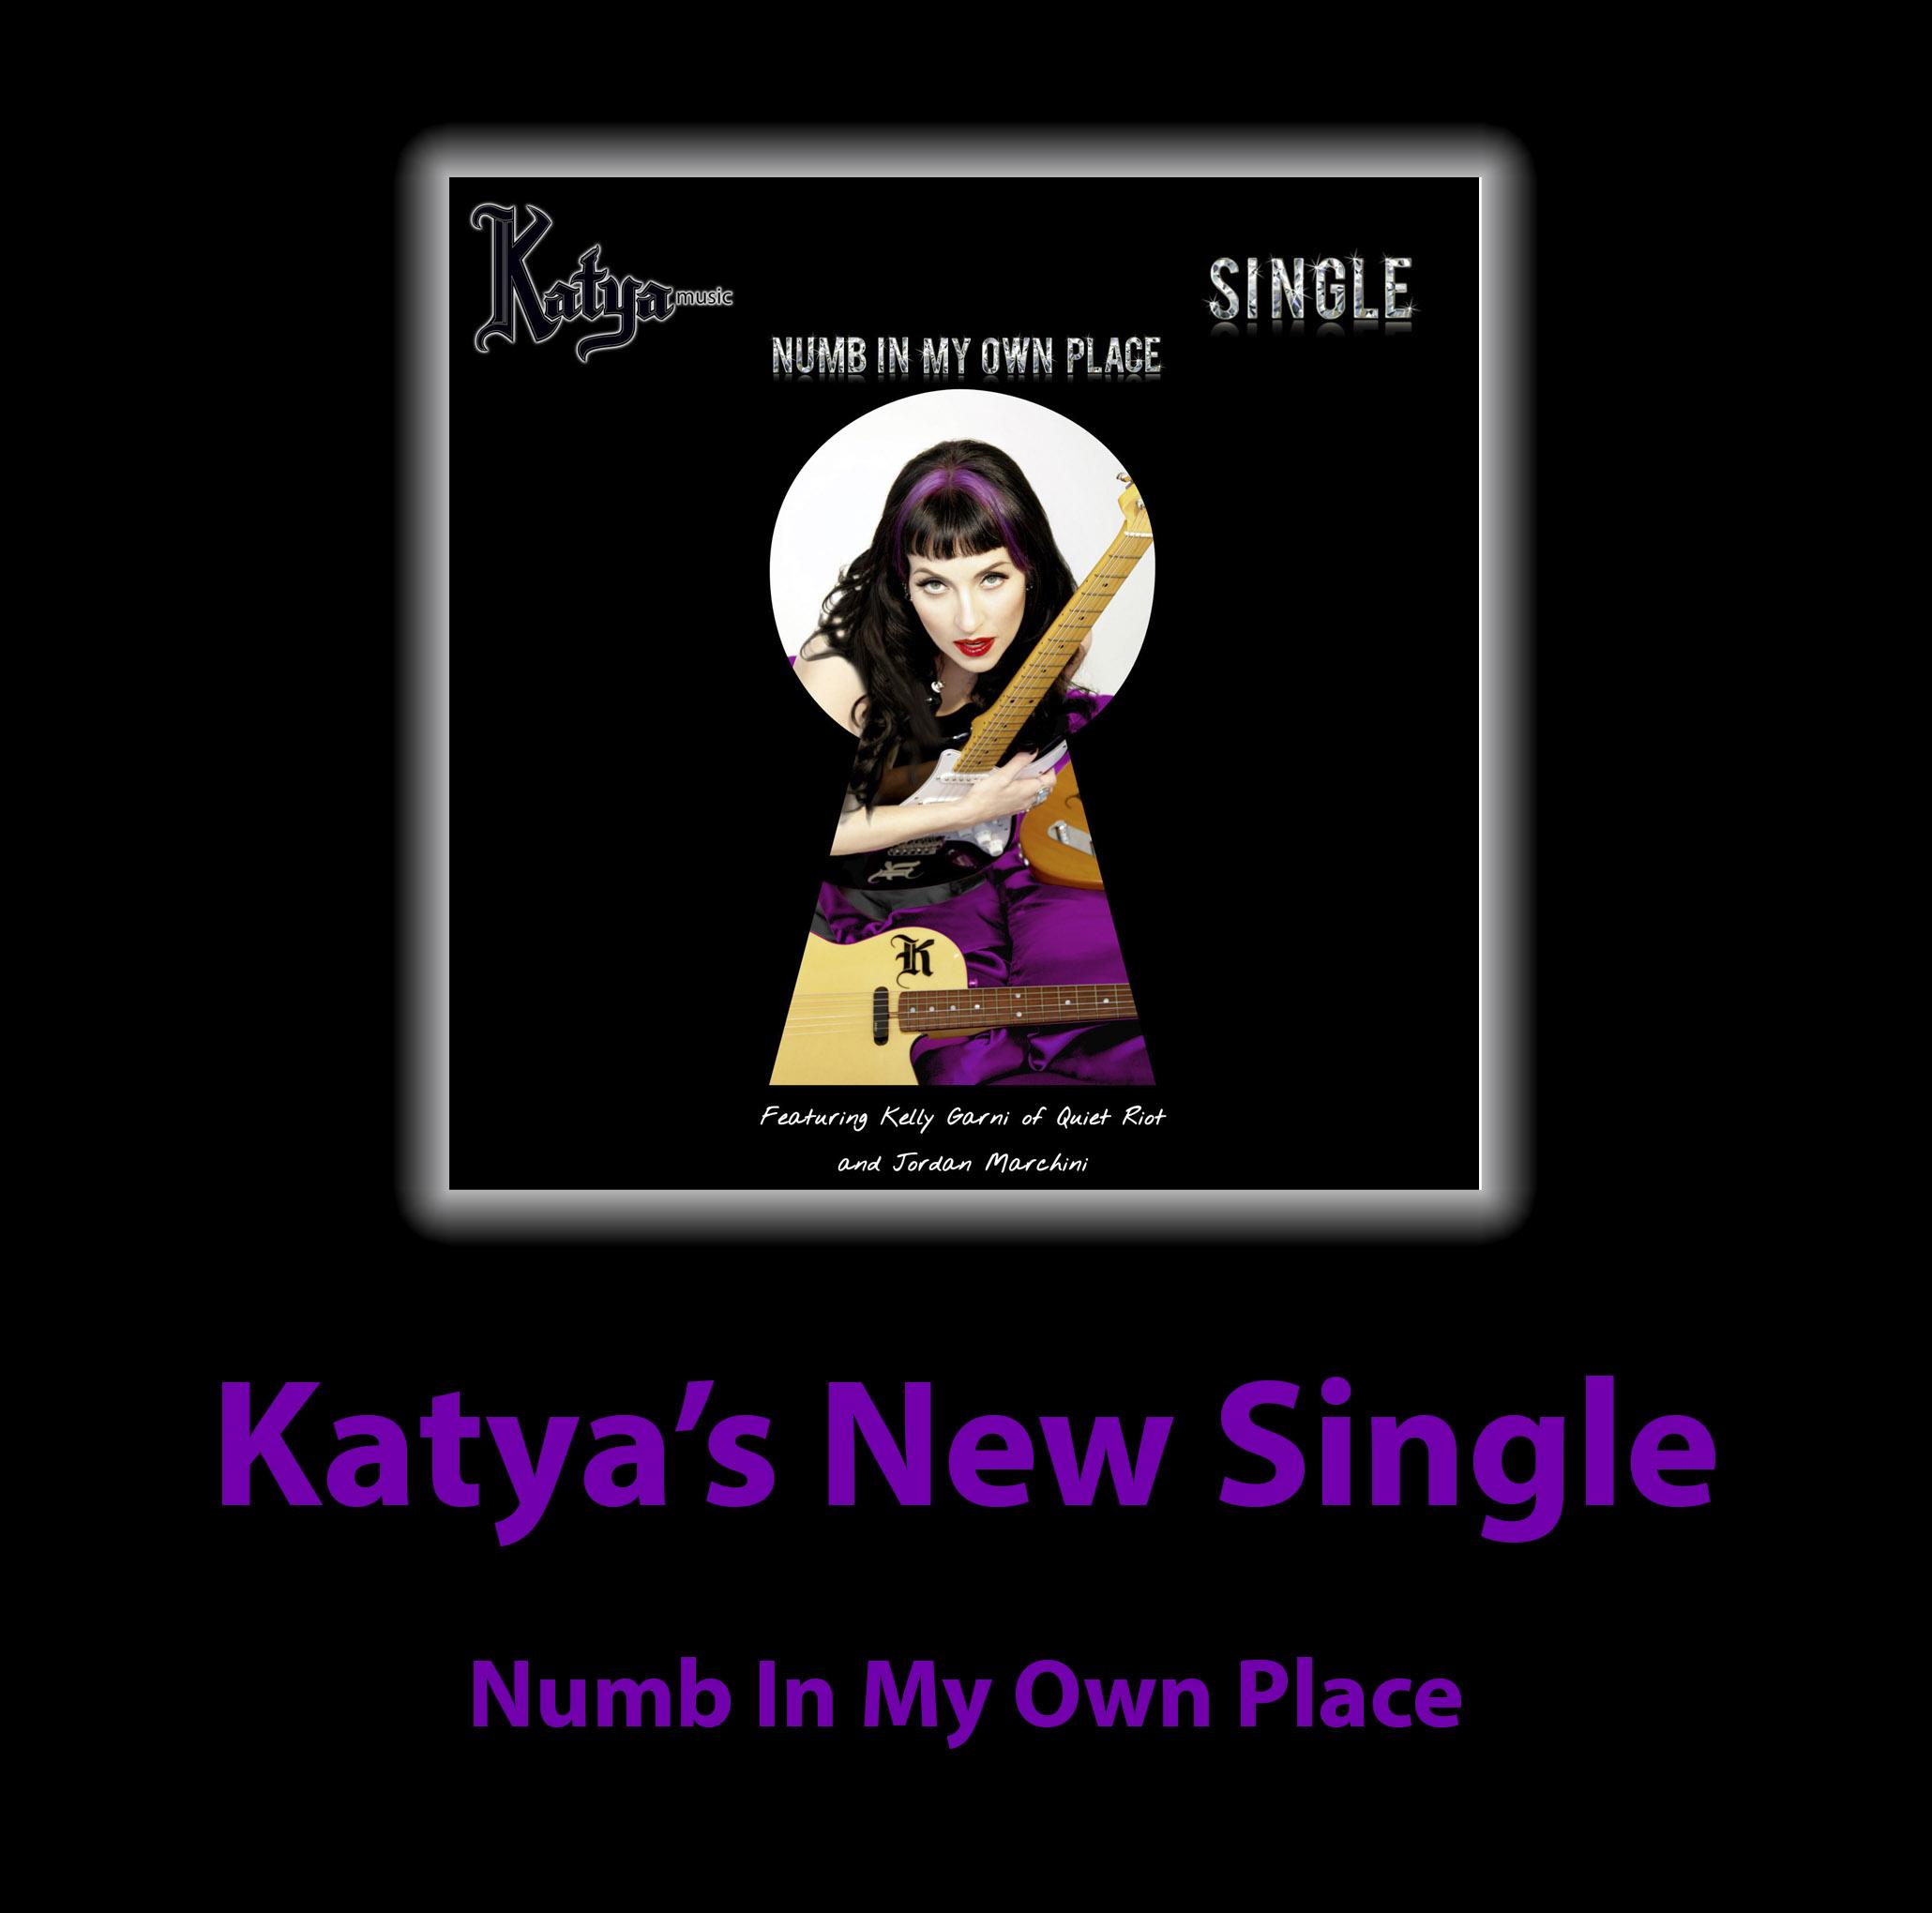 KATYAMUSIC'S NEW ALBUM